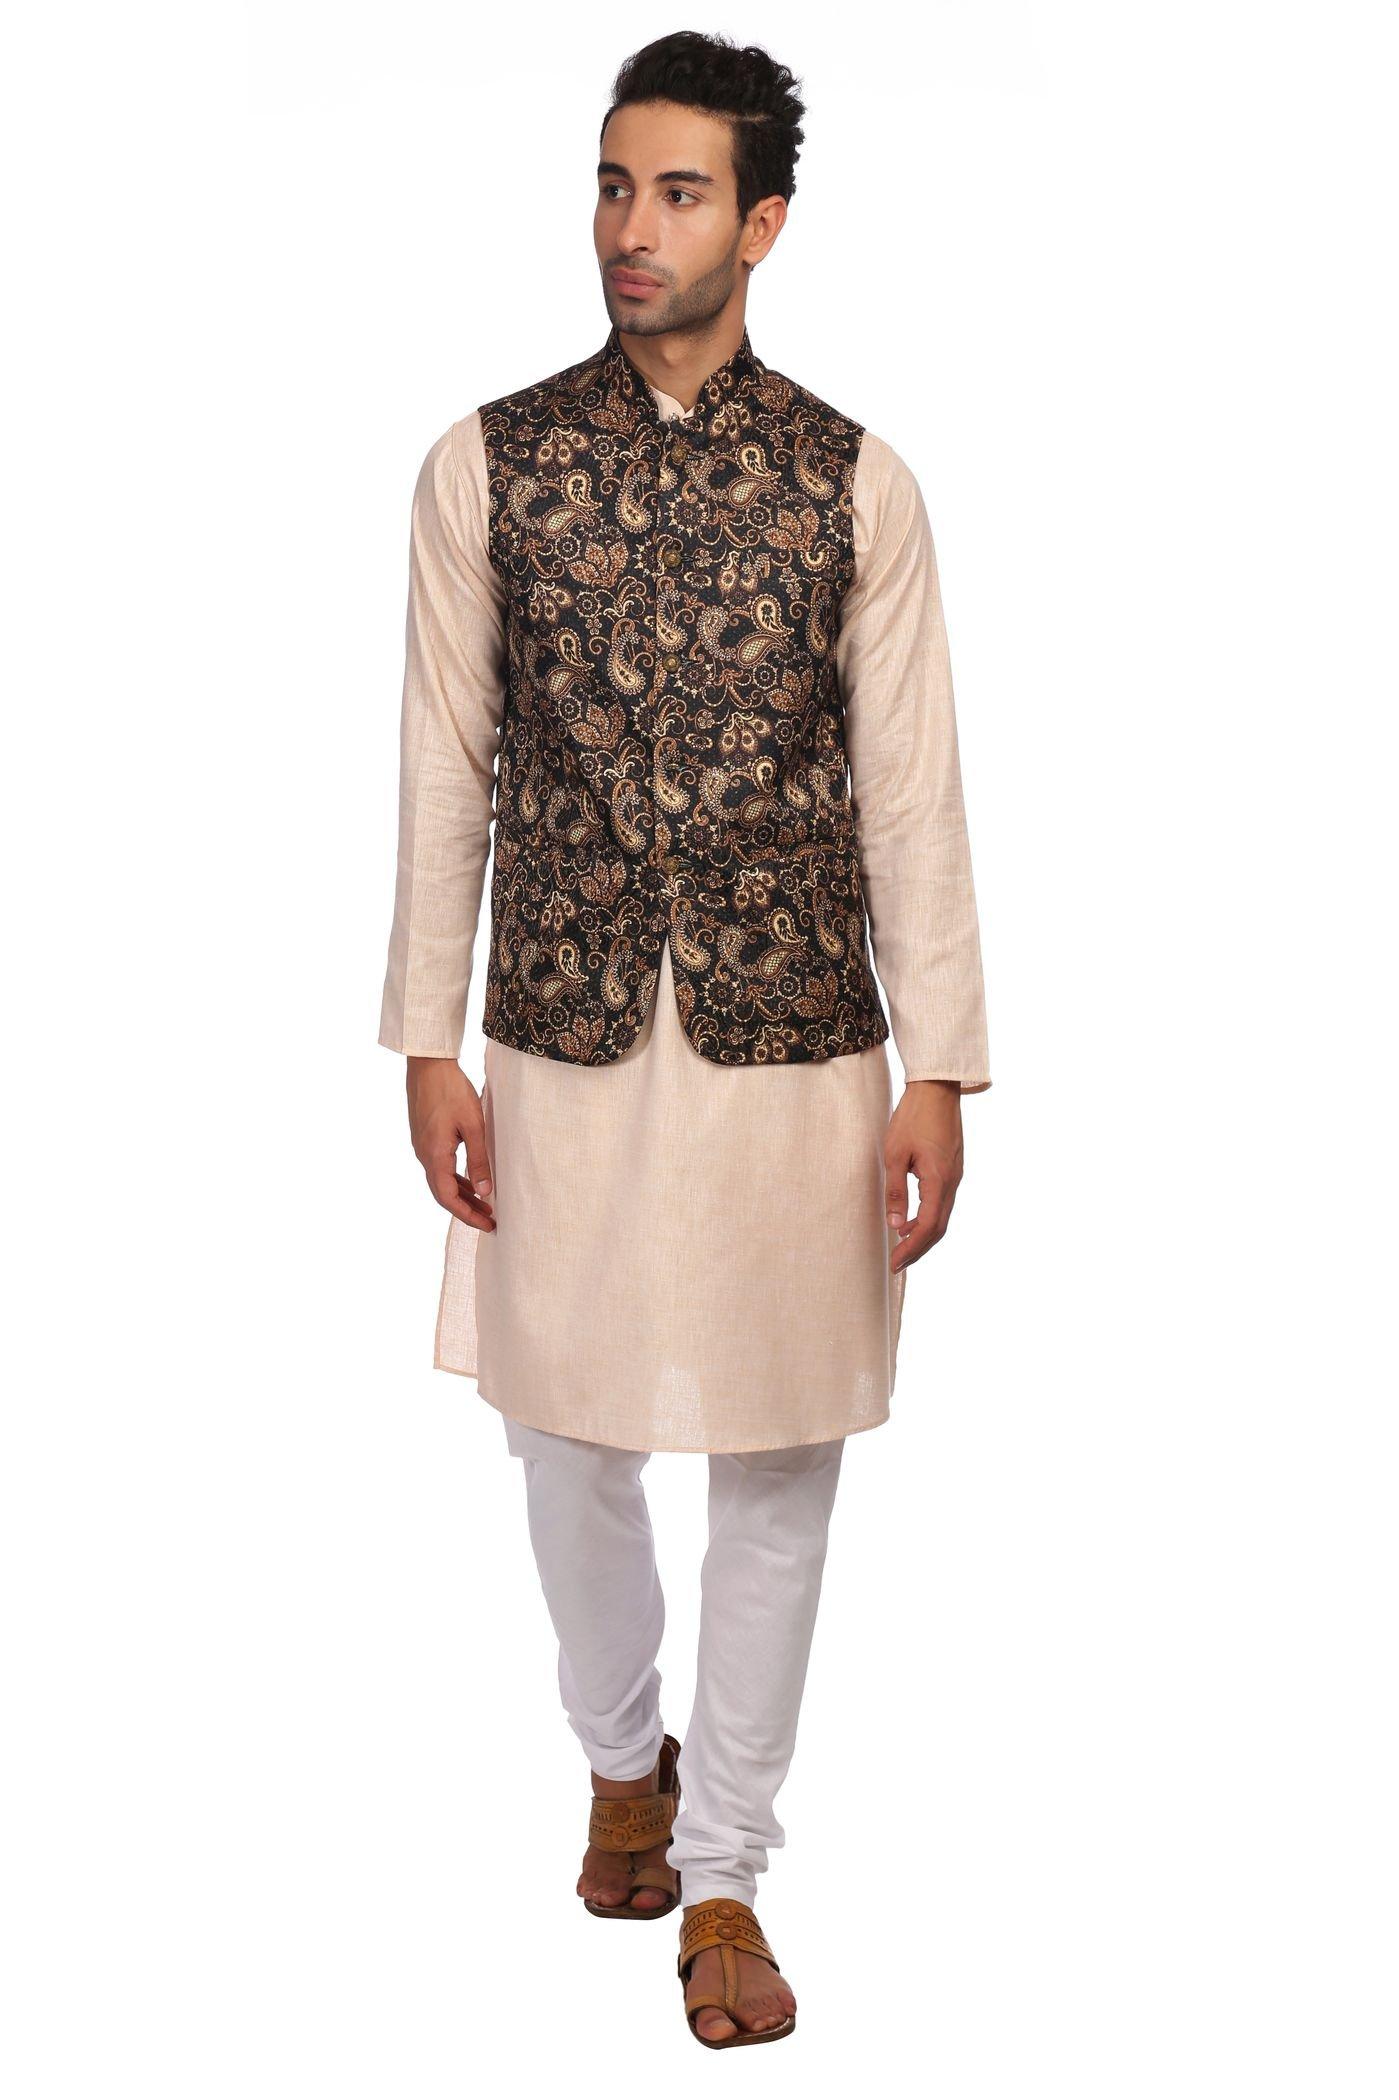 WINTAGE Men's Imported Rayon Printed Nehru Jacket Waistcoat and Cotton Rich Light Orange Kurta Pajama Indian Ethnic Set : XX-Large